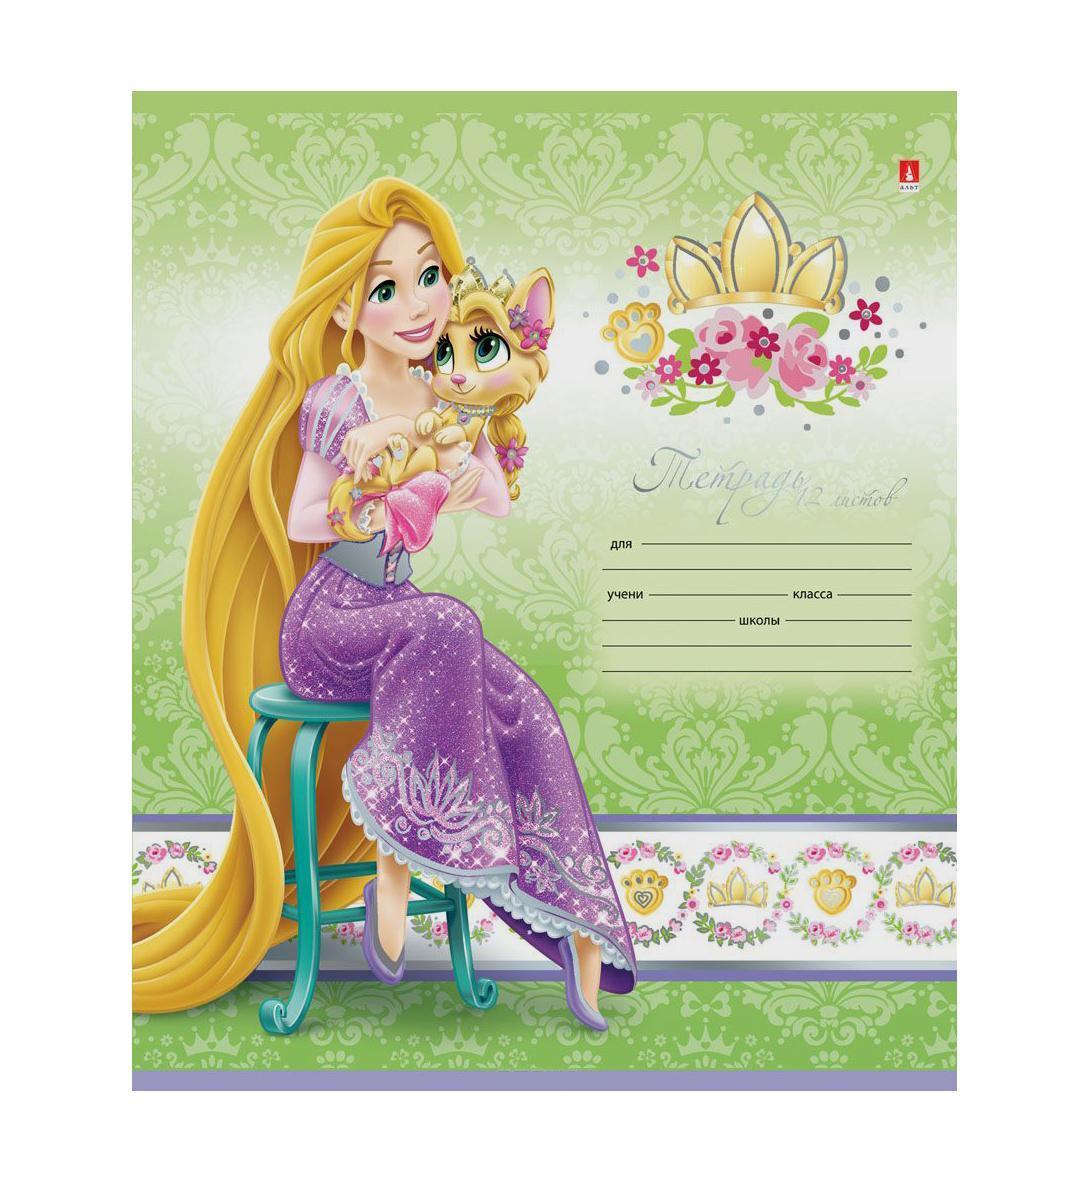 Набор тетрадей Альт Принцессы, 12 листов, 10 шт35192Недорогие тетради Альт Принцессы, выполнены их бумаги и картона высшего качества. Плотная, белая, мелованная бумага (60 г/кв.м) используется в блоках этих тетрадей. Картон обложки имеет высокую плотность 115 г/кв.м.В набор тетрадей Принцессы входят 10 штук с пятью разными изображениями принцесс. Обложки формата А5 (165 х 203 мм) сделаны из качественной мелованной бумаги 115 г/кв м. В блоках по 12 листов в клетку с предварительно размеченными красными полями. Белая мелованная бумага 60 грамм подходит для записей любыми ручками. Принцессы – неизменные спутницы счастливого, беззаботного детства, с которым младшие школьницы еще не спешат прощаться в начальных классах.